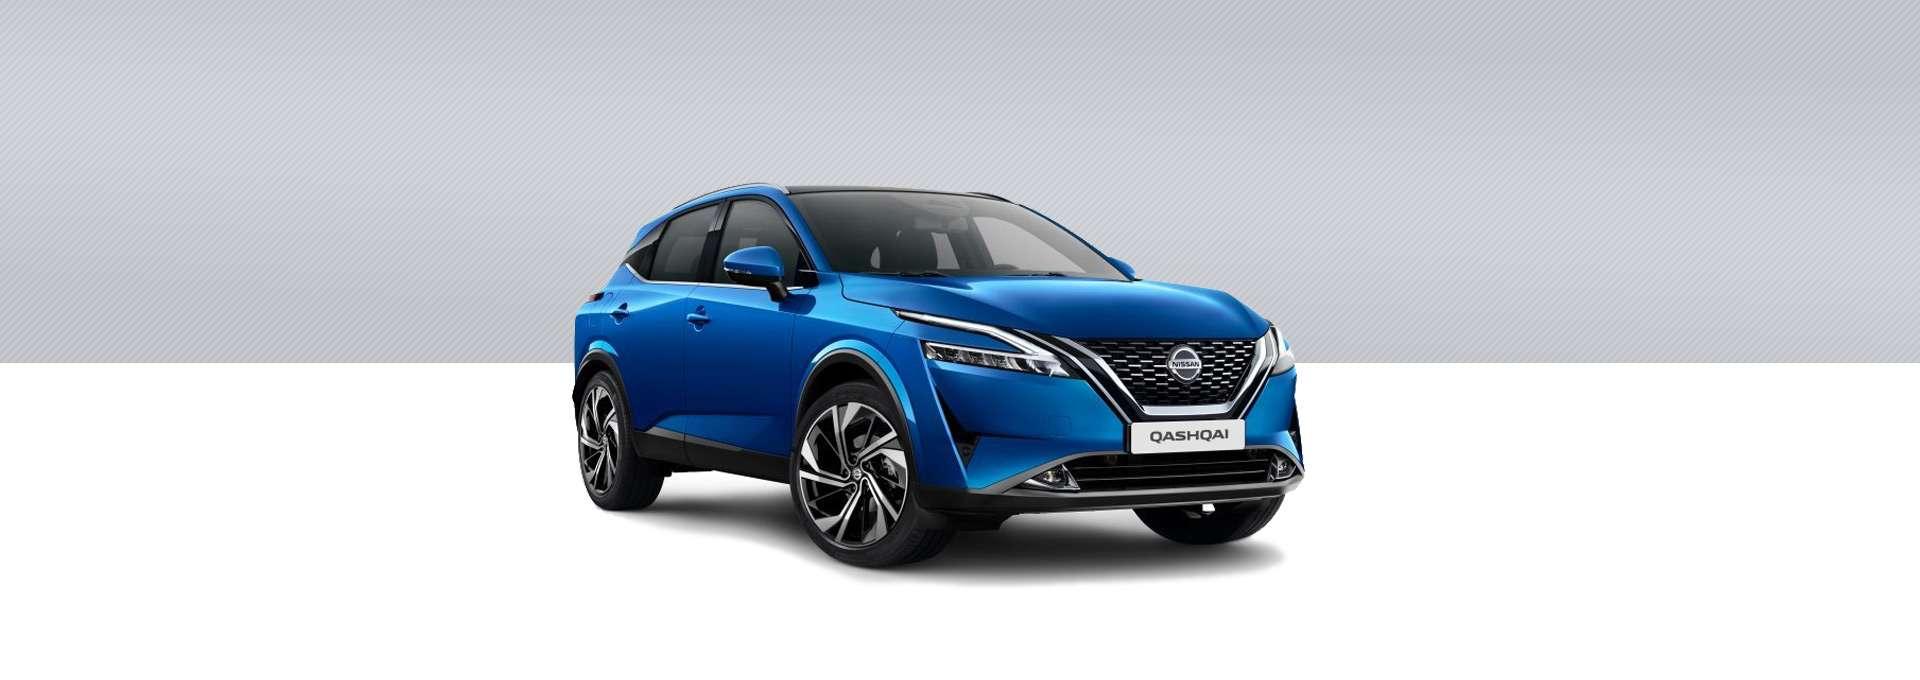 Nissan Nuevo Qashqai